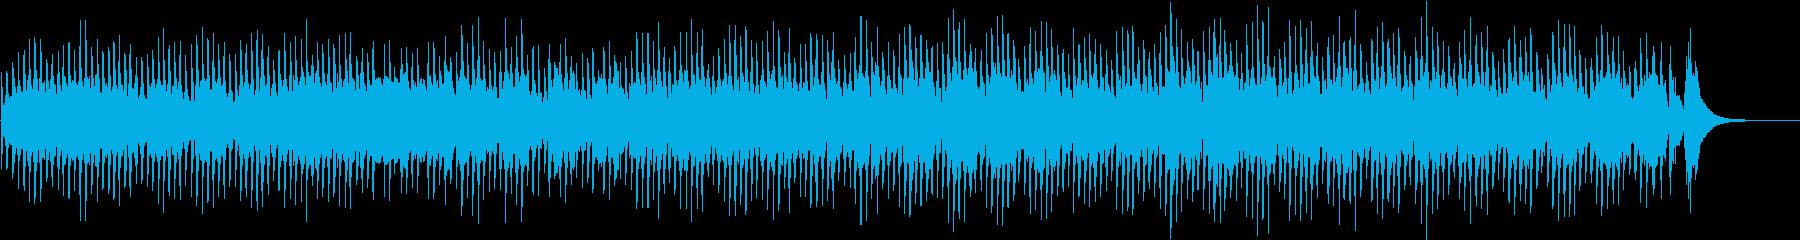 平均律第1番 前奏曲 バッハ オルゴールの再生済みの波形